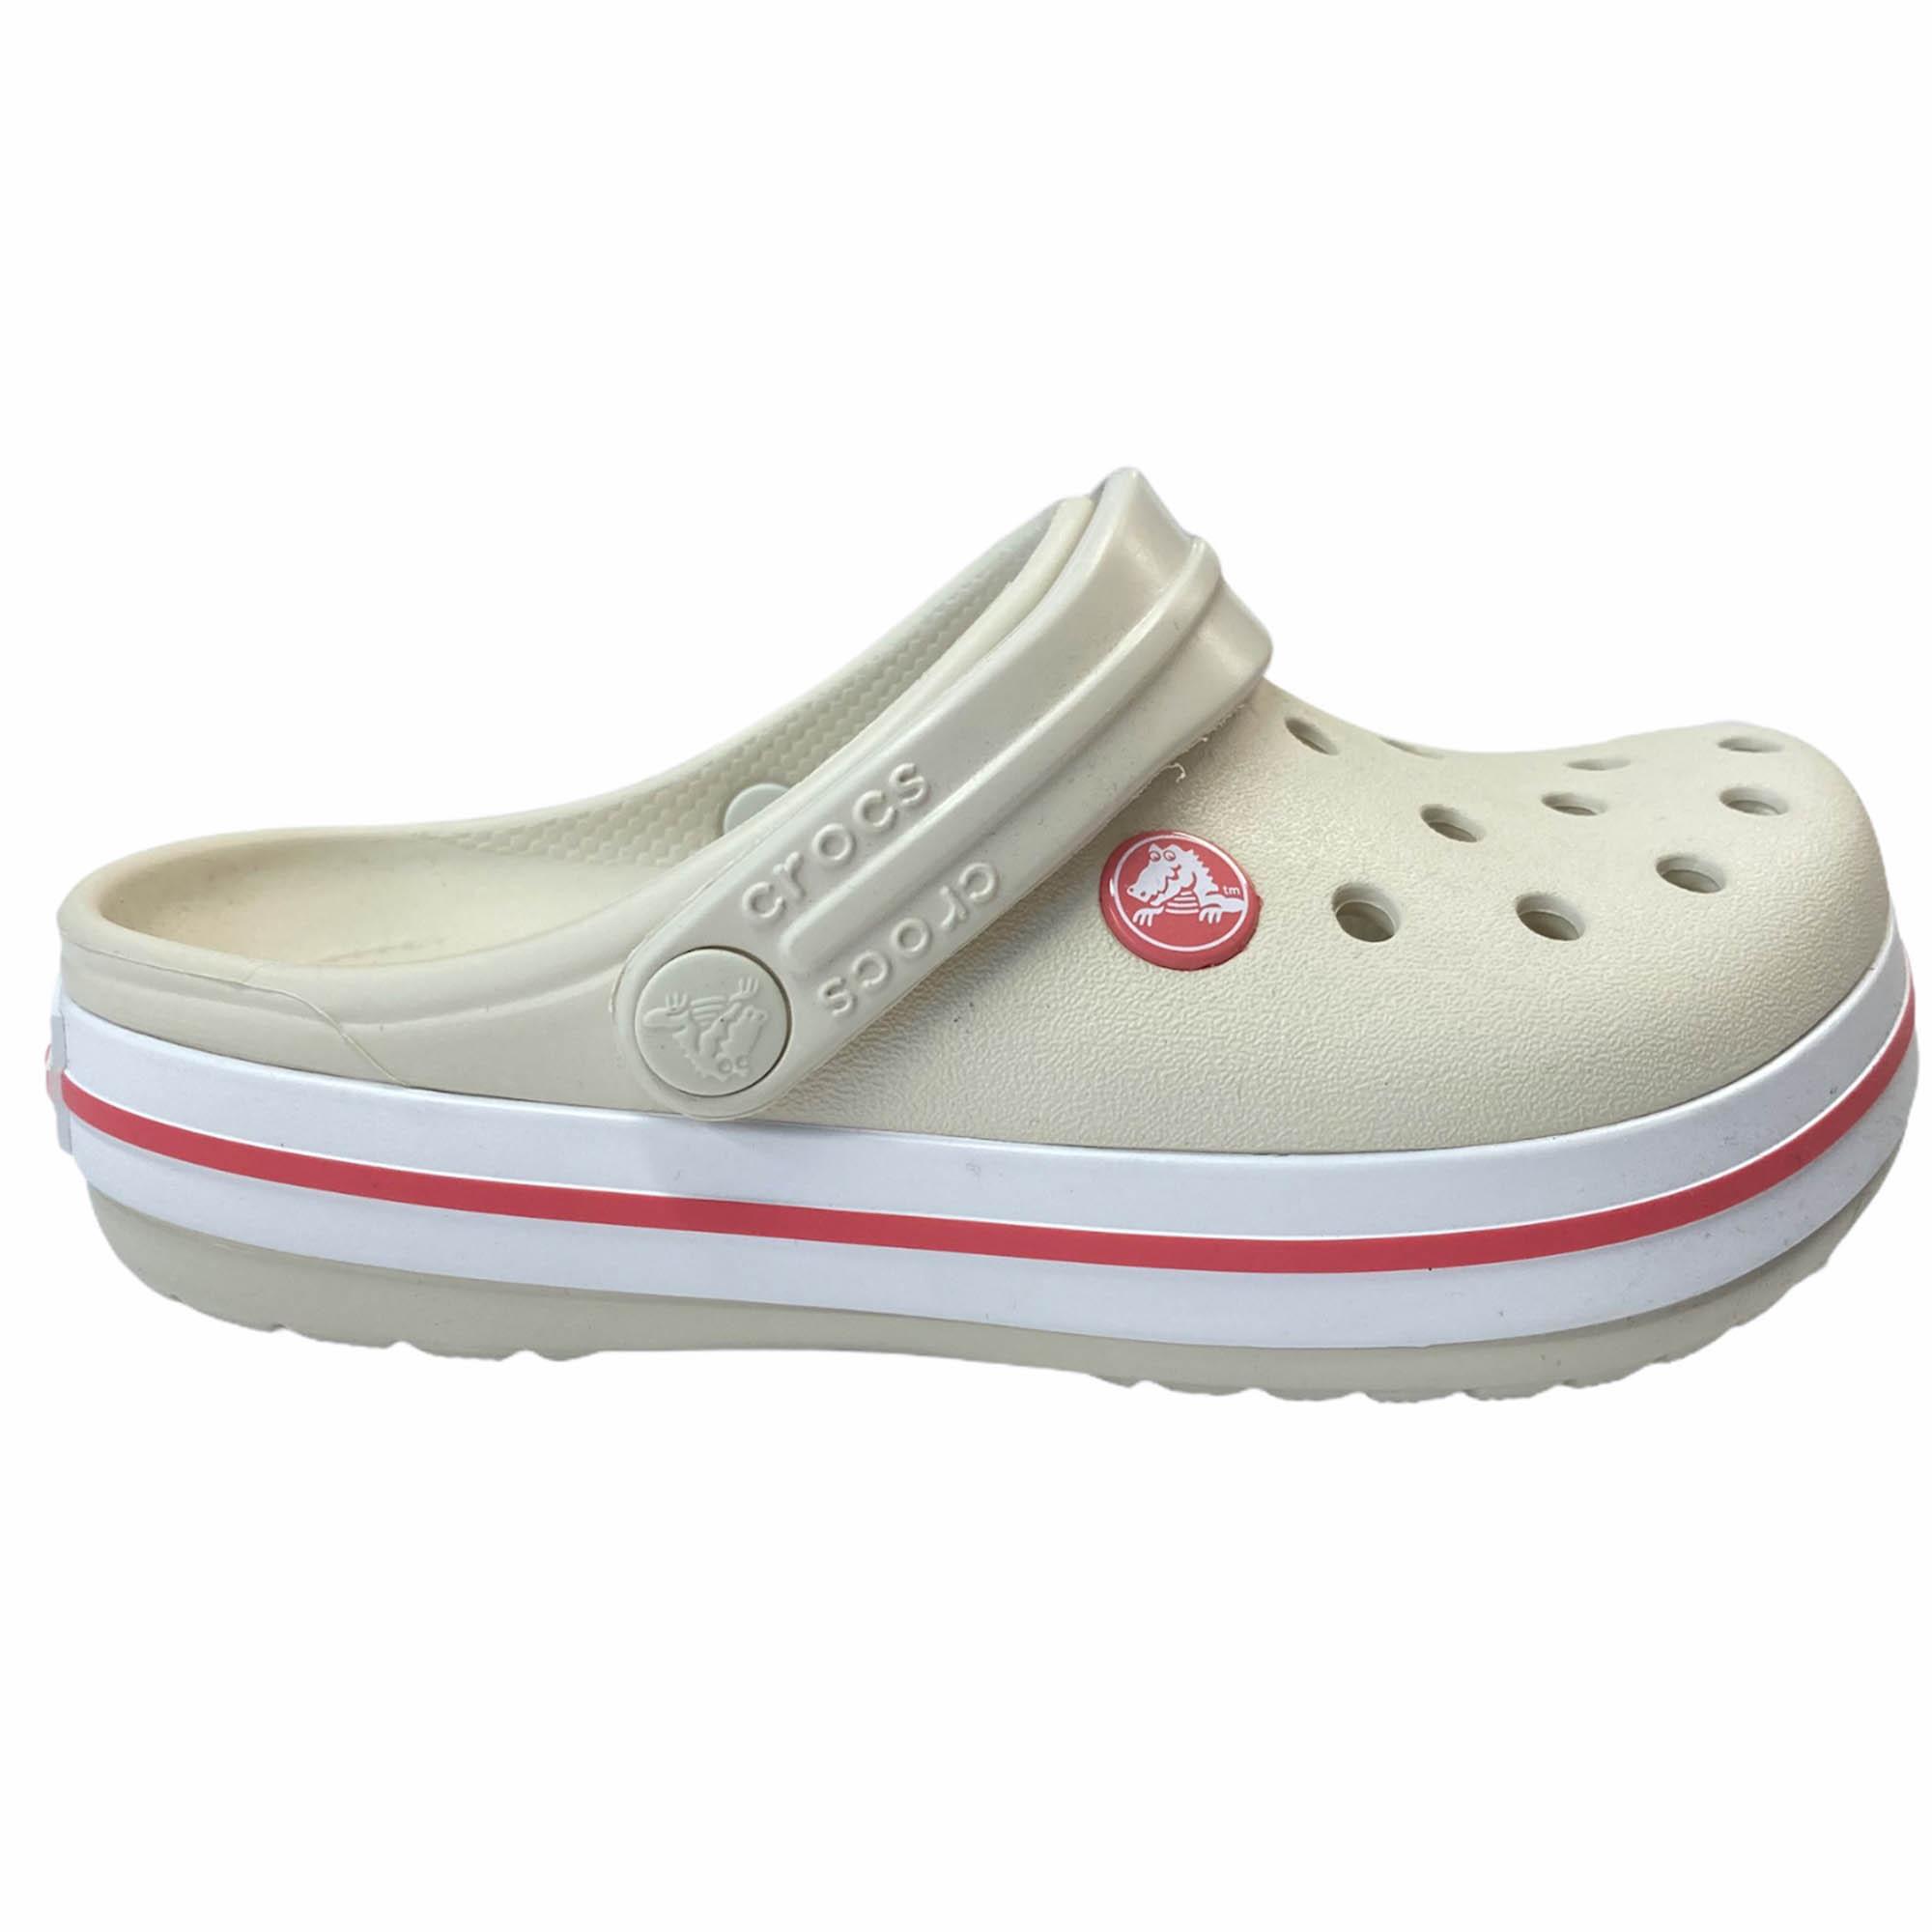 Crocs Sandalia Crocband K Stucco/ME